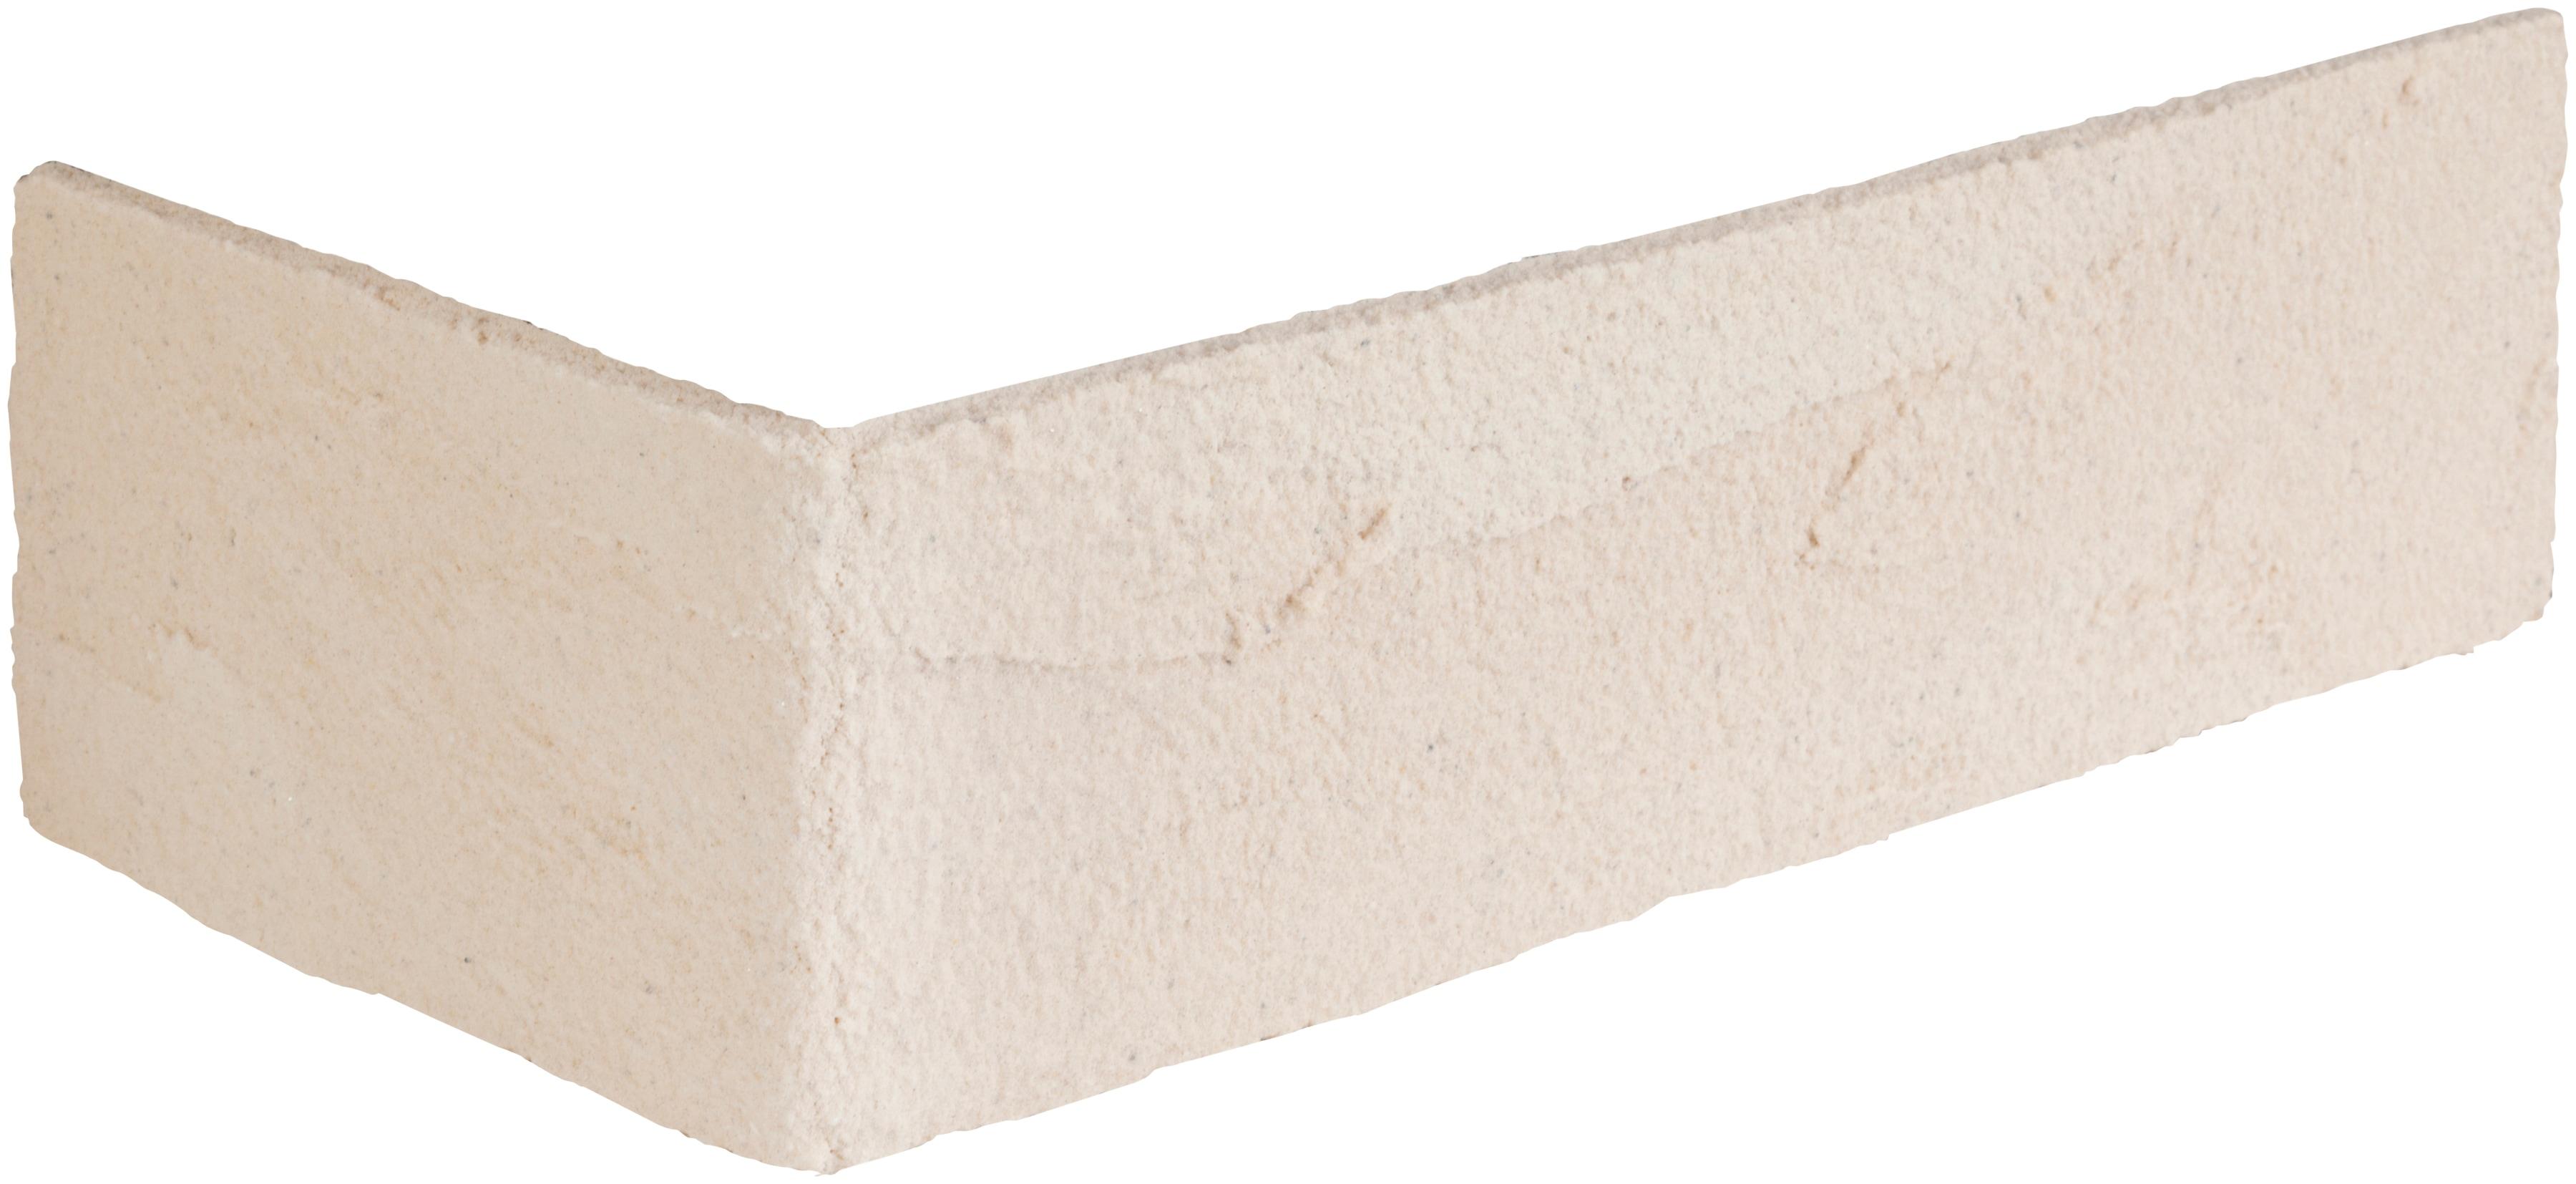 ELASTOLITH Verblender Rhodos Eckverblender, cremeweiß, für Innen- und Aussenbereich, 2 Lfm beige Verblendsteine Paneele Bauen Renovieren